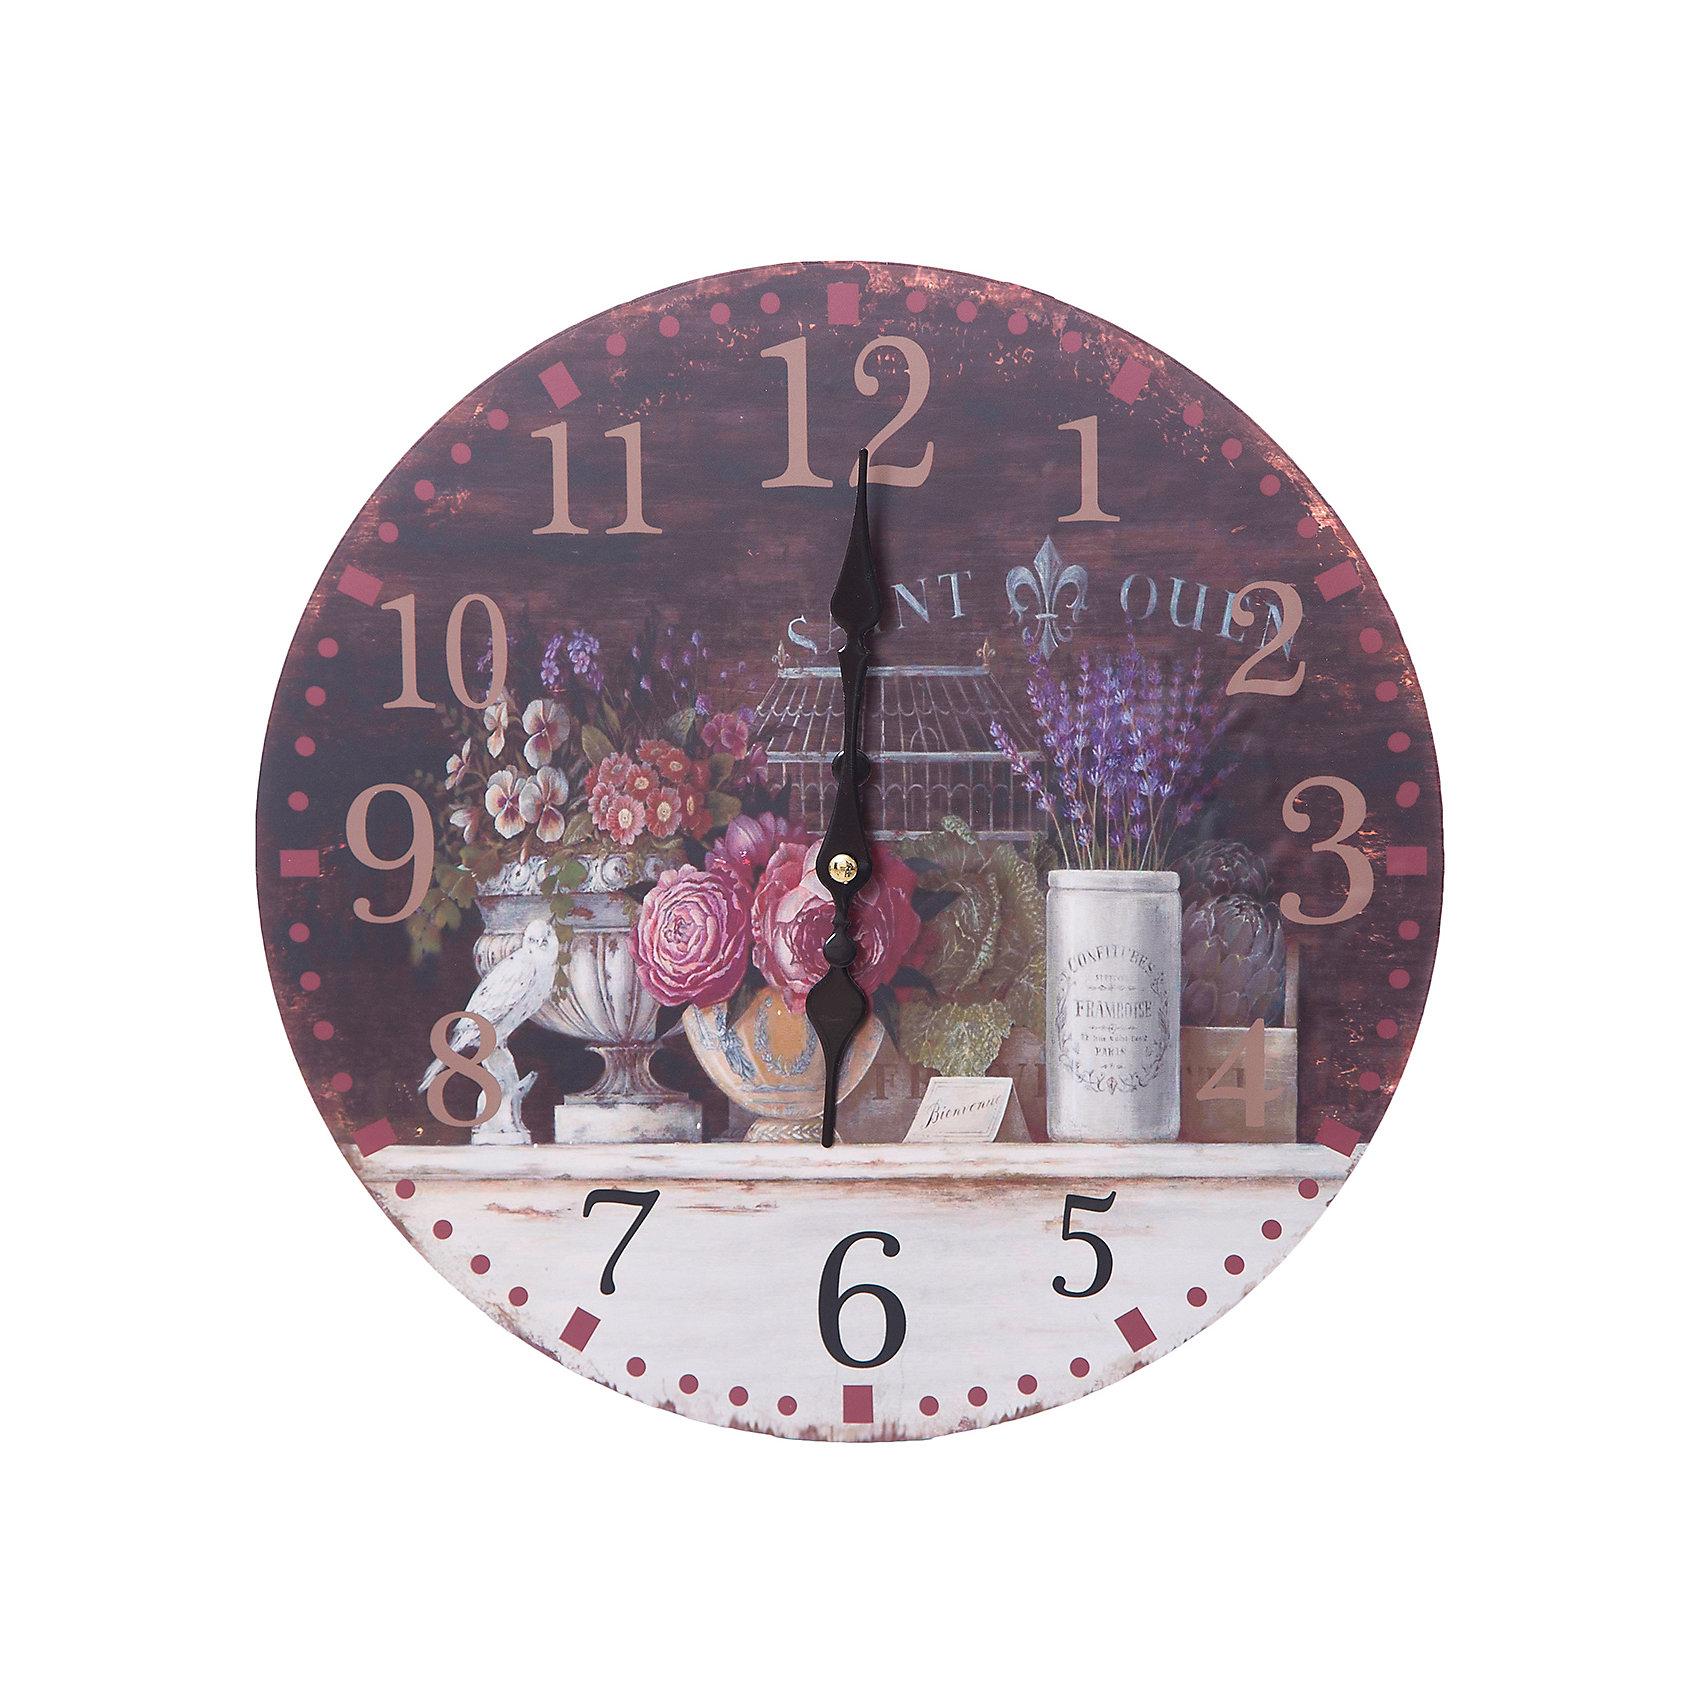 Часы настенные Вечерний Прованс, диаметр 34 смДетские предметы интерьера<br>Часы настенные Вечерний Прованс, диаметр 34 см.<br><br>Характеристики:<br><br>- Диаметр: 34 см.<br>- Две стрелки часовая и минутная<br>- Батарейка: 1 типа АА (в комплект не входит)<br>- Основные цвета: антрацитовый, кремовый, темно-коричневый<br>- Упаковка картонная коробка<br><br>Кварцевые настенные часы с механизмом плавного хода помимо своего прямого назначения – показывать точное время – станут важным элементом декора Вашего дома, квартиры или офиса. Открытый циферблат часов выполнен из листа оргалита с декоративным покрытием, оформлен изображением в прованском стиле. Часовая и минутная стрелки металлические. Часовой механизм закрыт пластиковым корпусом. Часы будут ярким акцентом в интерьере и создадут дополнительный уют и хорошее настроение.<br><br>Часы настенные Вечерний Прованс, диаметр 34 см можно купить в нашем интернет-магазине.<br><br>Ширина мм: 345<br>Глубина мм: 340<br>Высота мм: 45<br>Вес г: 2500<br>Возраст от месяцев: 72<br>Возраст до месяцев: 144<br>Пол: Унисекс<br>Возраст: Детский<br>SKU: 5089835